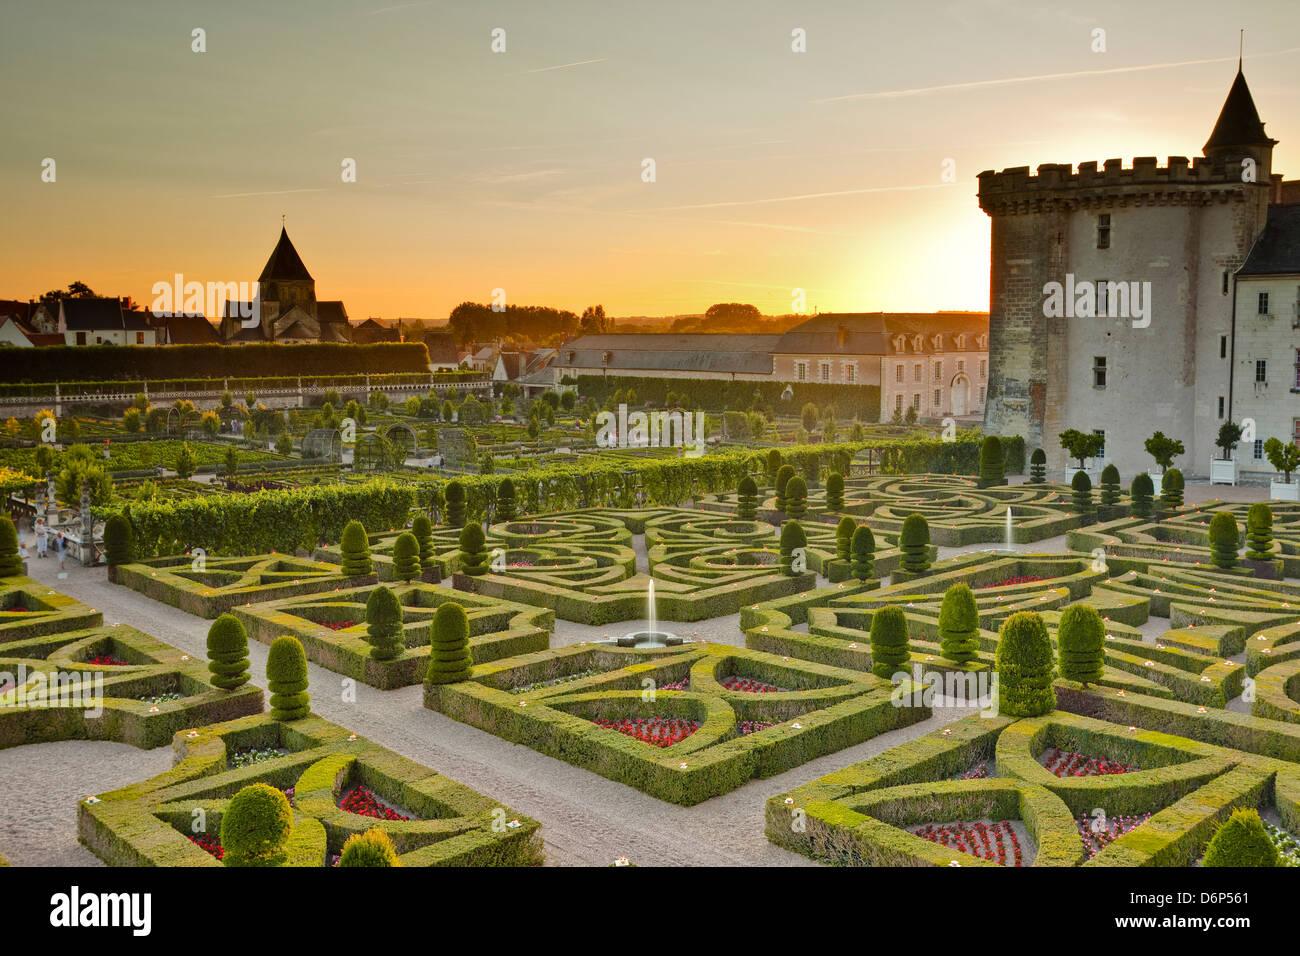 Le Chateau de Villandry et ses jardins au coucher du soleil, l'UNESCO World Heritage Site, Indre-et-Loire, Loire, Banque D'Images